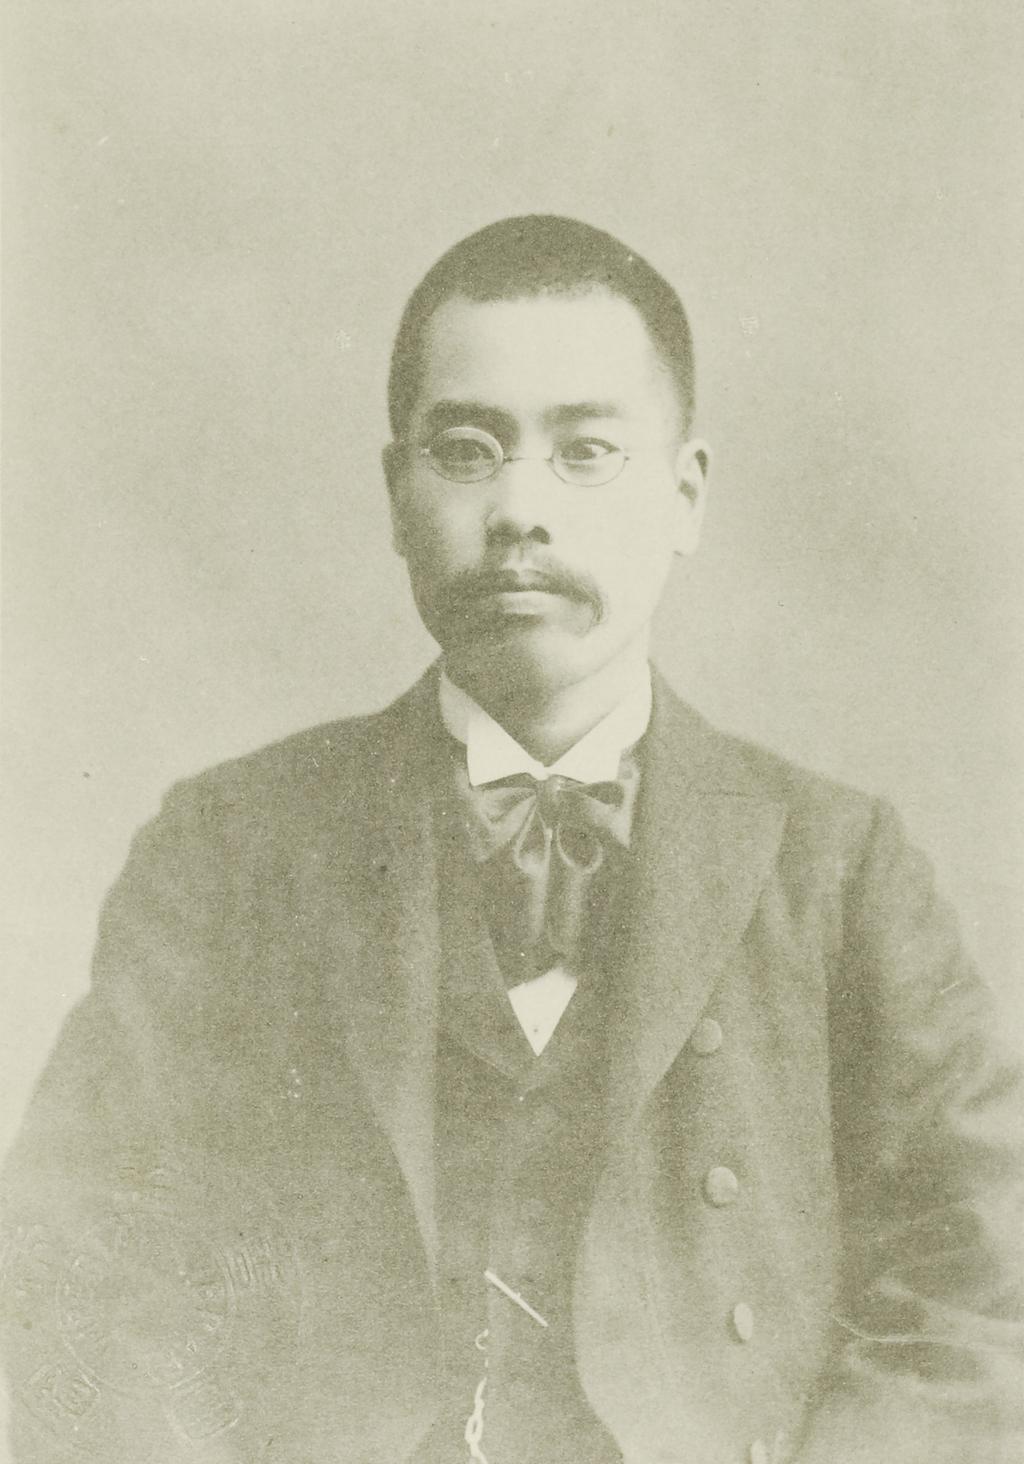 横田千之助 - Wikipedia